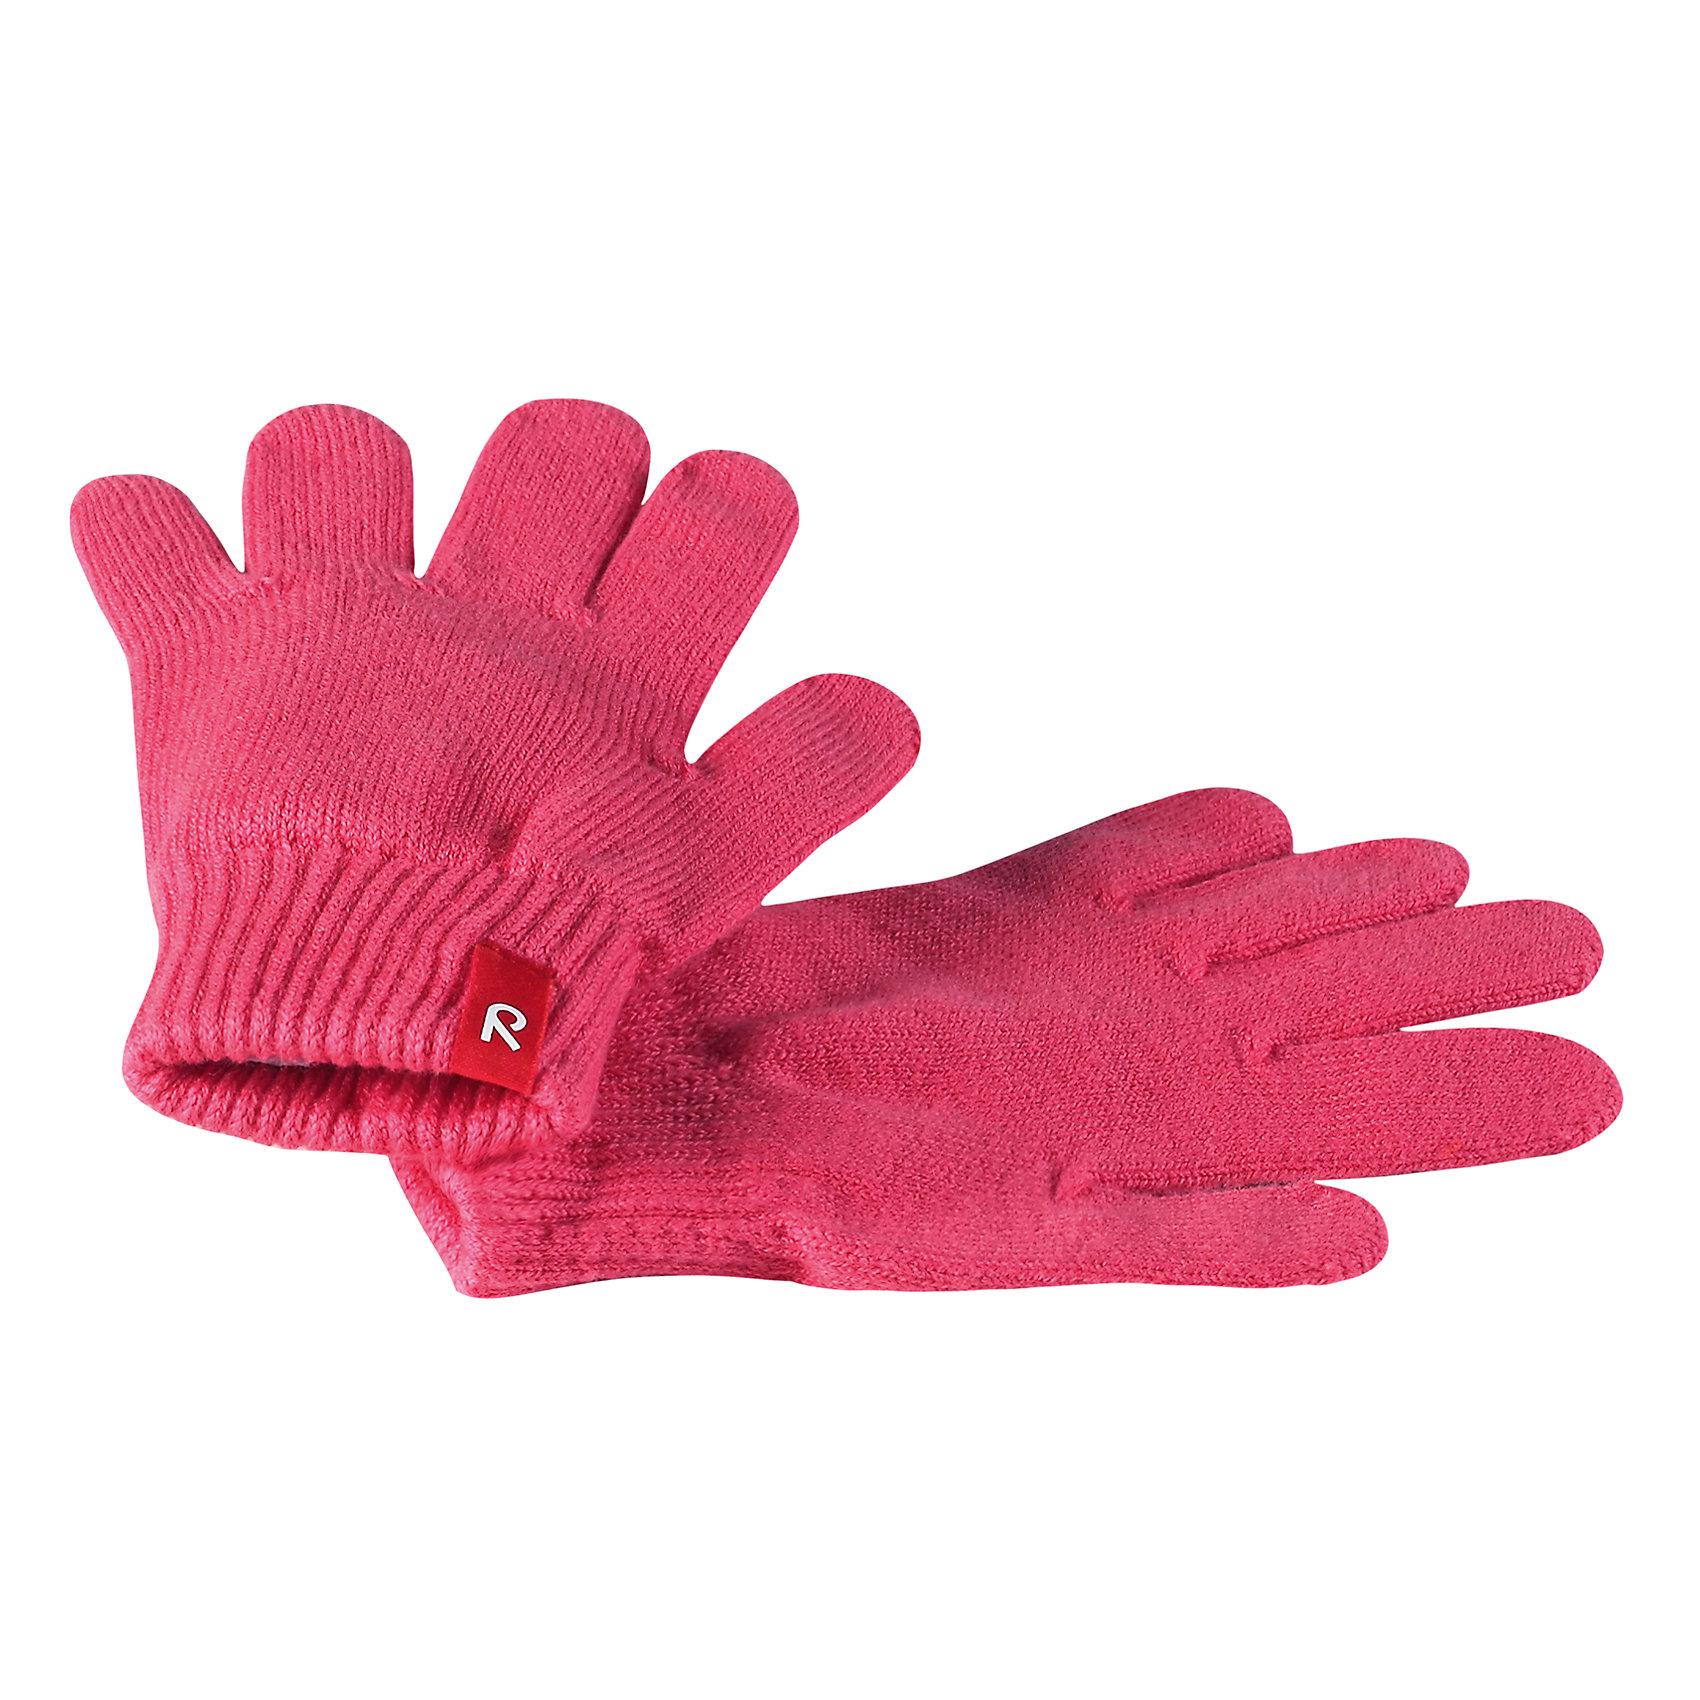 Перчатки Klippa для девочки ReimaПерчатки и варежки<br>Характеристики товара:<br><br>• цвет: розовый<br>• состав: 90% хлопок, 9% ПЭ, 1% эластан<br>• температурный режим: от +5°до +10°С<br>• эластичный материал<br>• без подкладки<br>• удобные манжеты на резинке<br>• логотип<br>• страна производства: Китай<br>• страна бренда: Финляндия<br>• коллекция: весна-лето 2017<br><br><br>Reima представляет новые перчатки для детей. Они помогут обеспечить ребенку комфорт и дополнить наряд. Перчатки отлично смотрятся с различной одеждой. Изделия удобно сидят и модно выглядят, в их основе мягкий материал с высоким содержанием хлопка. Просты в уходе, долго служат. Стильный дизайн разрабатывался специально для детей.<br>Одежда и обувь от финского бренда Reima пользуется популярностью во многих странах. Эти изделия стильные, качественные и удобные. Для производства продукции используются только безопасные, проверенные материалы и фурнитура. Порадуйте ребенка модными и красивыми вещами от Reima! <br><br>Перчатки от финского бренда Reima (Рейма) можно купить в нашем интернет-магазине.<br><br>Ширина мм: 162<br>Глубина мм: 171<br>Высота мм: 55<br>Вес г: 119<br>Цвет: розовый<br>Возраст от месяцев: 120<br>Возраст до месяцев: 144<br>Пол: Женский<br>Возраст: Детский<br>Размер: 7,1,3,5<br>SKU: 5268054